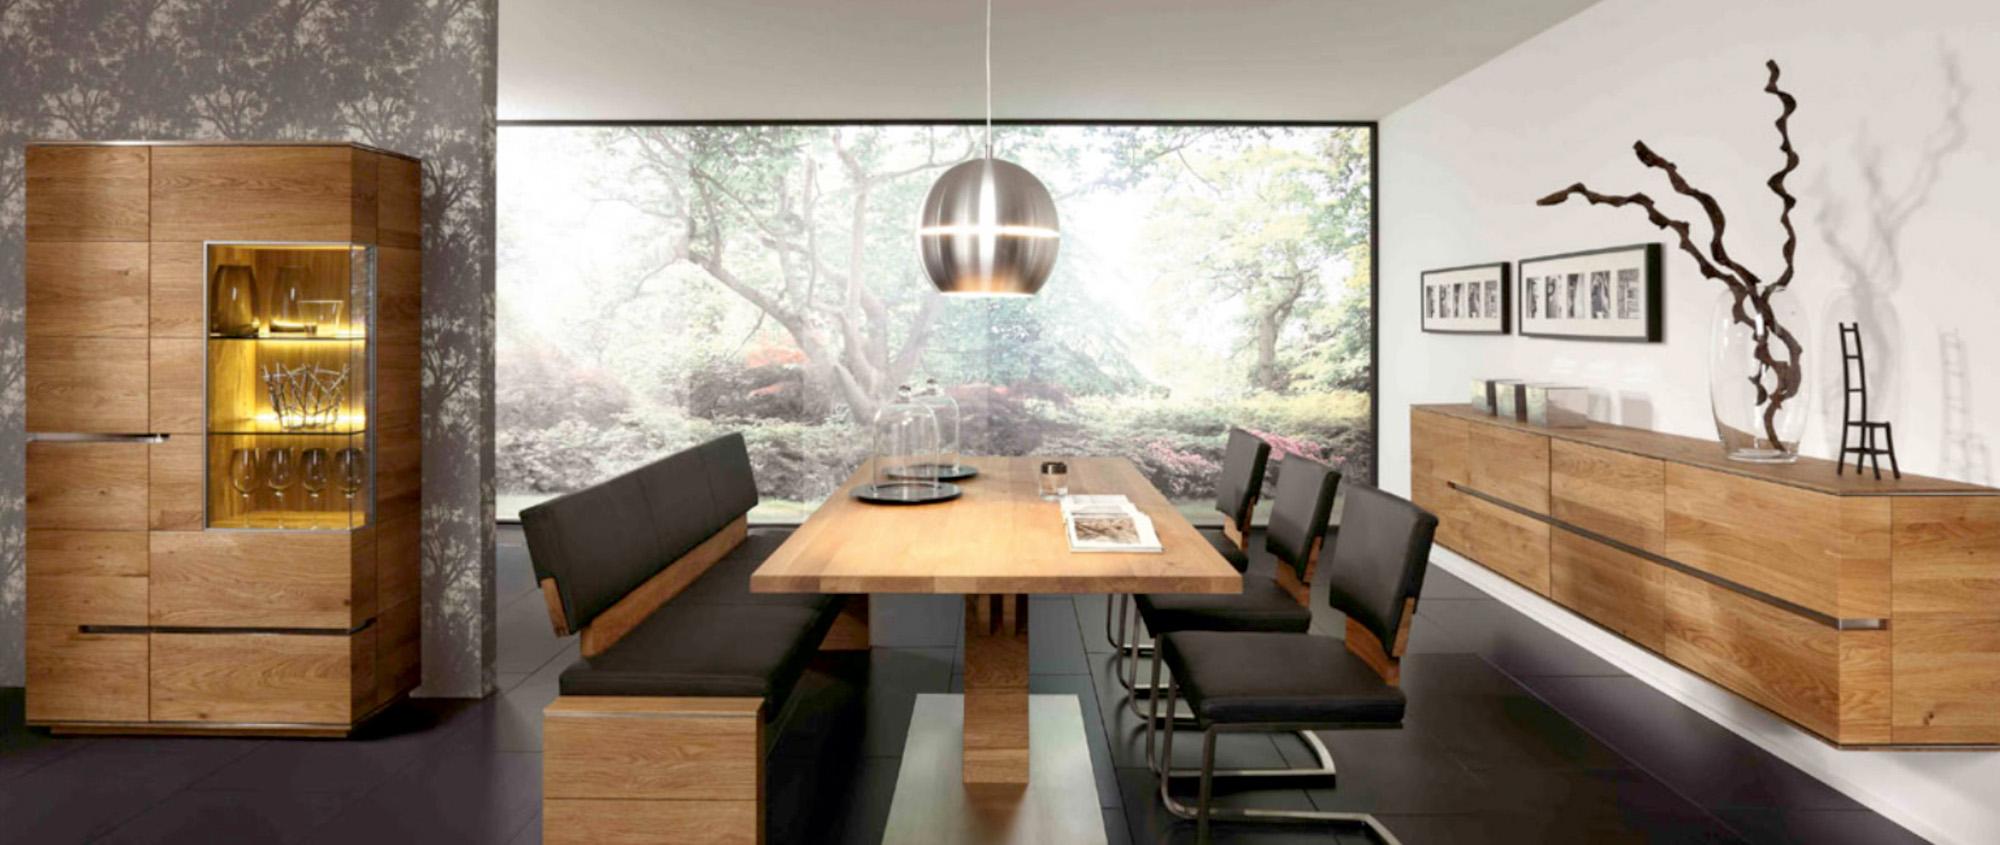 M bel morschett speisezimmer for Esszimmer rustikal modern